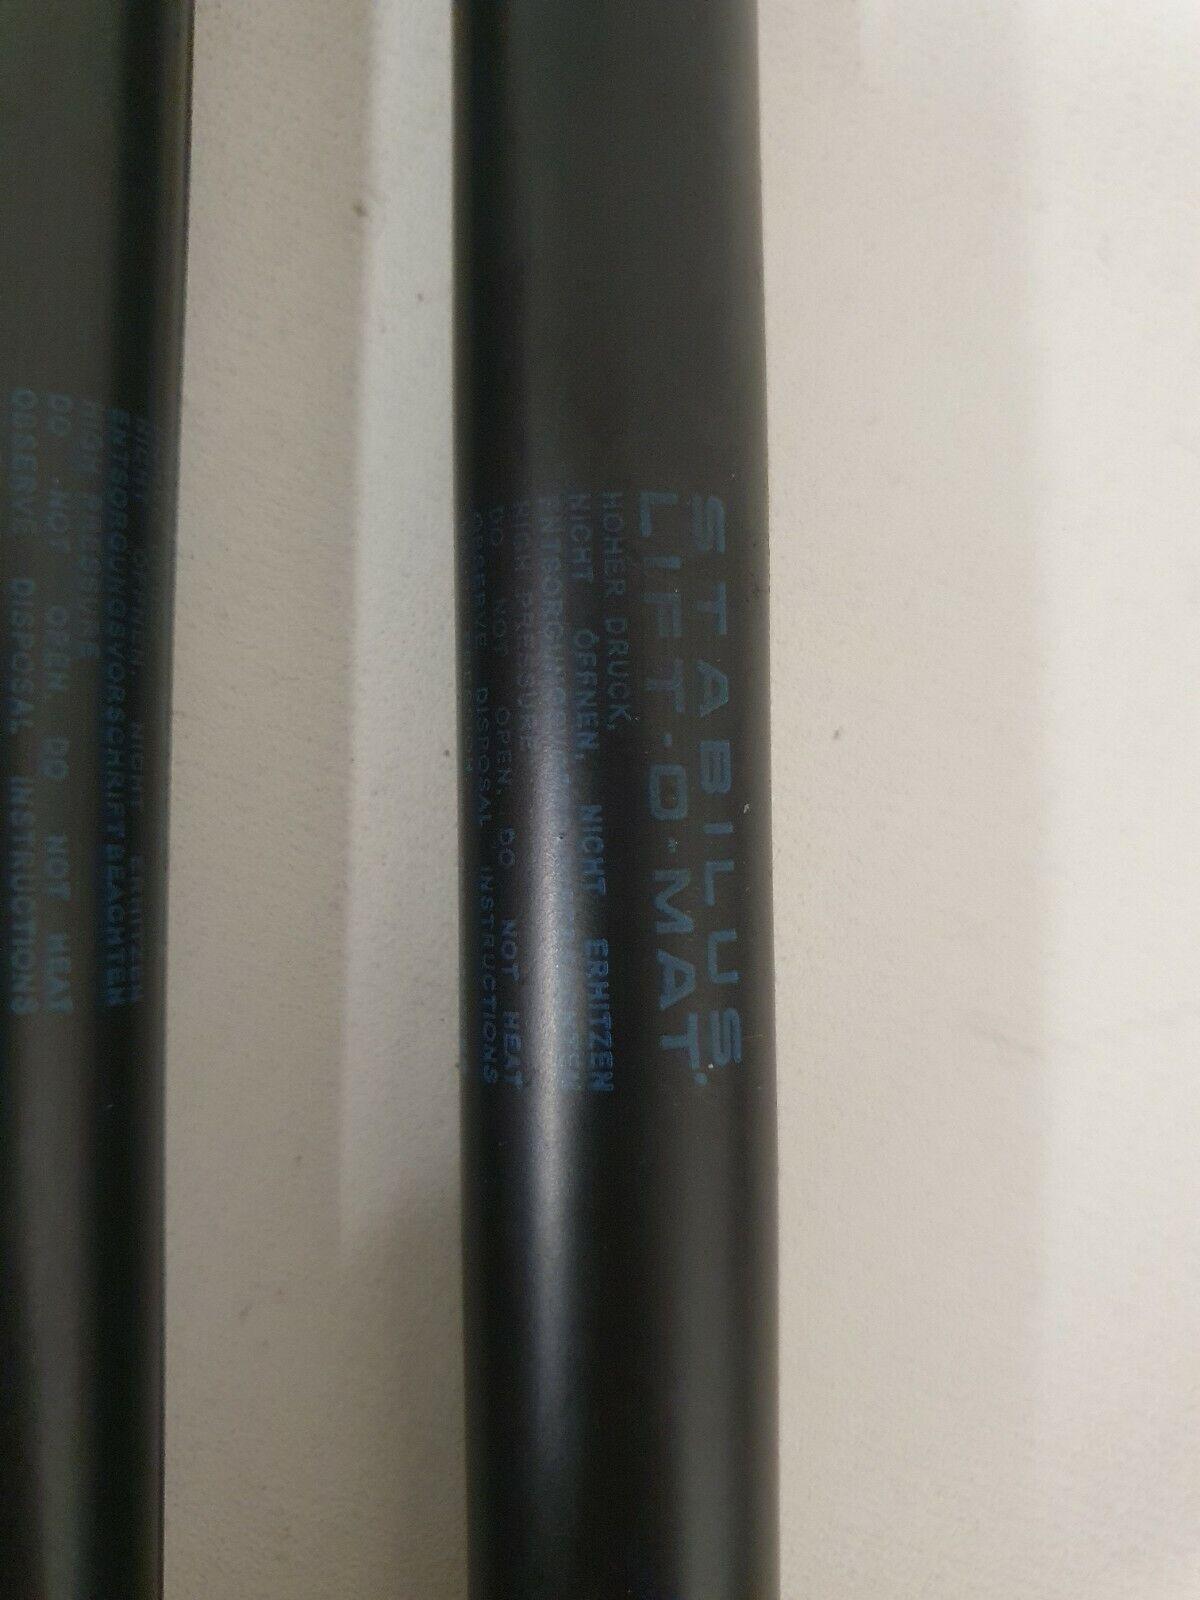 2007 Kofferraum Gasdruckfeder ML5425 8731F8 Maxpow 2x Gasfeder Heckklappe 600N 490mm f/ür P307 2003